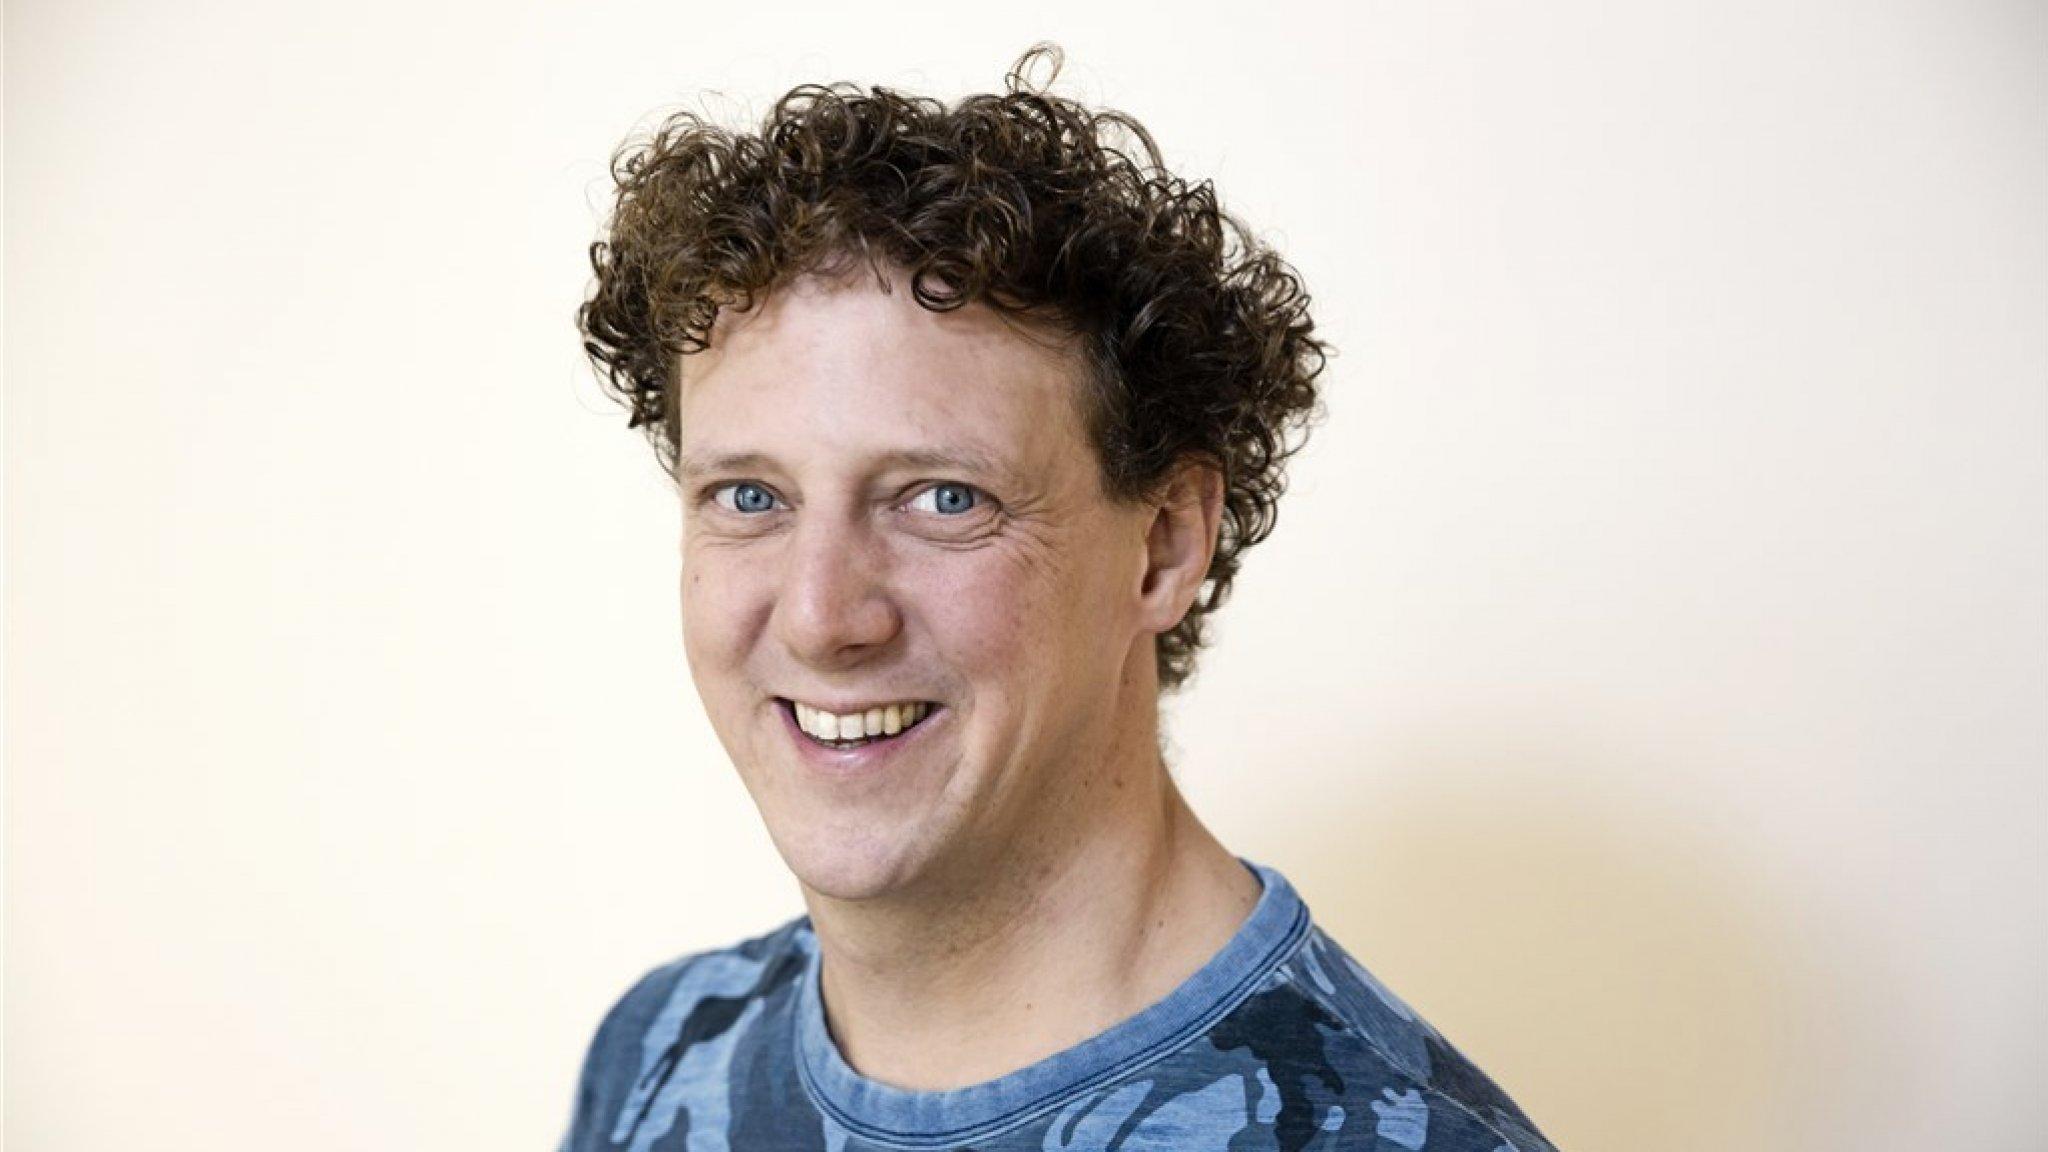 Jochem Myjer heeft twee tatoeages waardoor hij positief blijft - RTL Boulevard